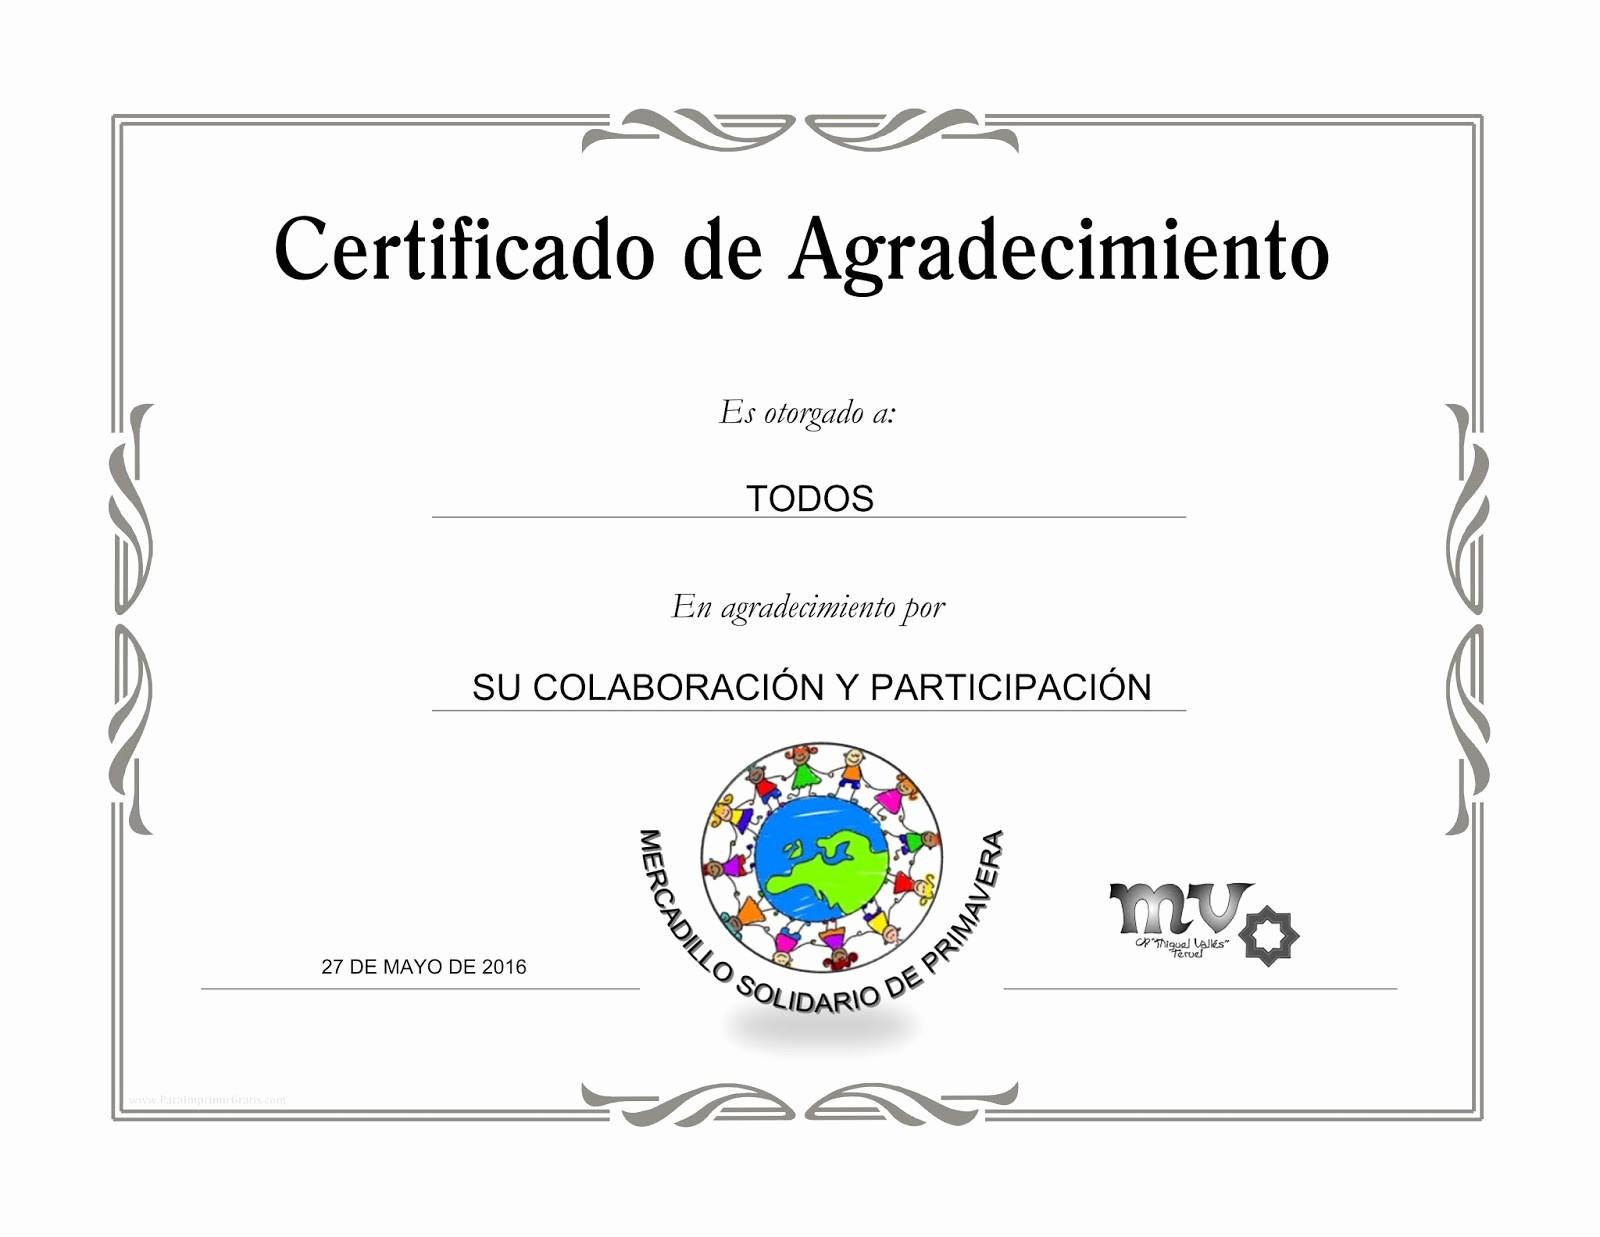 Certificado De Agradecimiento Y Apreciacion Inspirational Certificados De Agradecimiento Para Imprimir Gratis